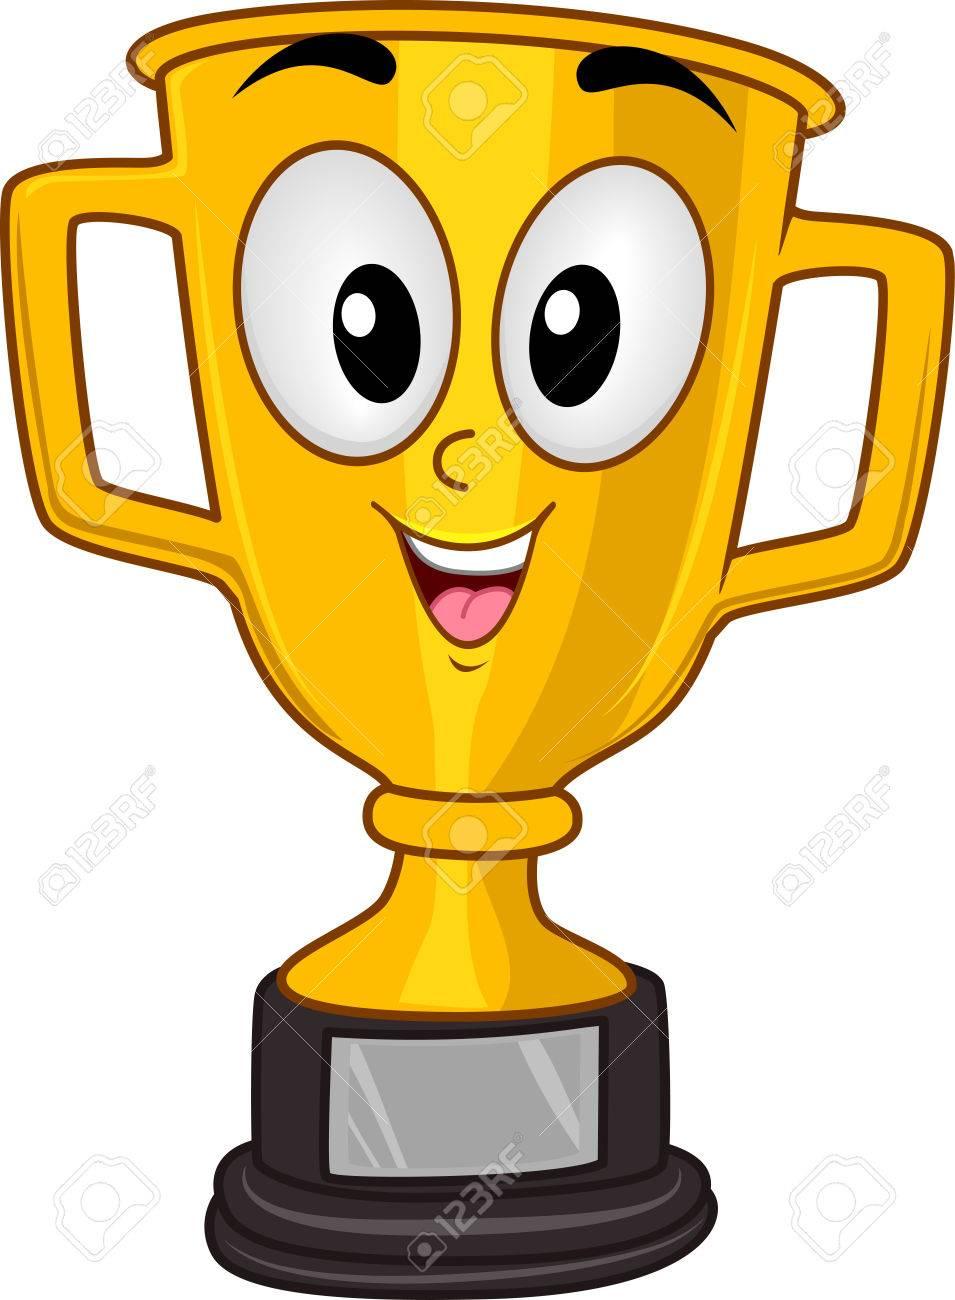 スポーツ優勝カップの笑みを浮かべてゴールデン トロフィーのマスコット